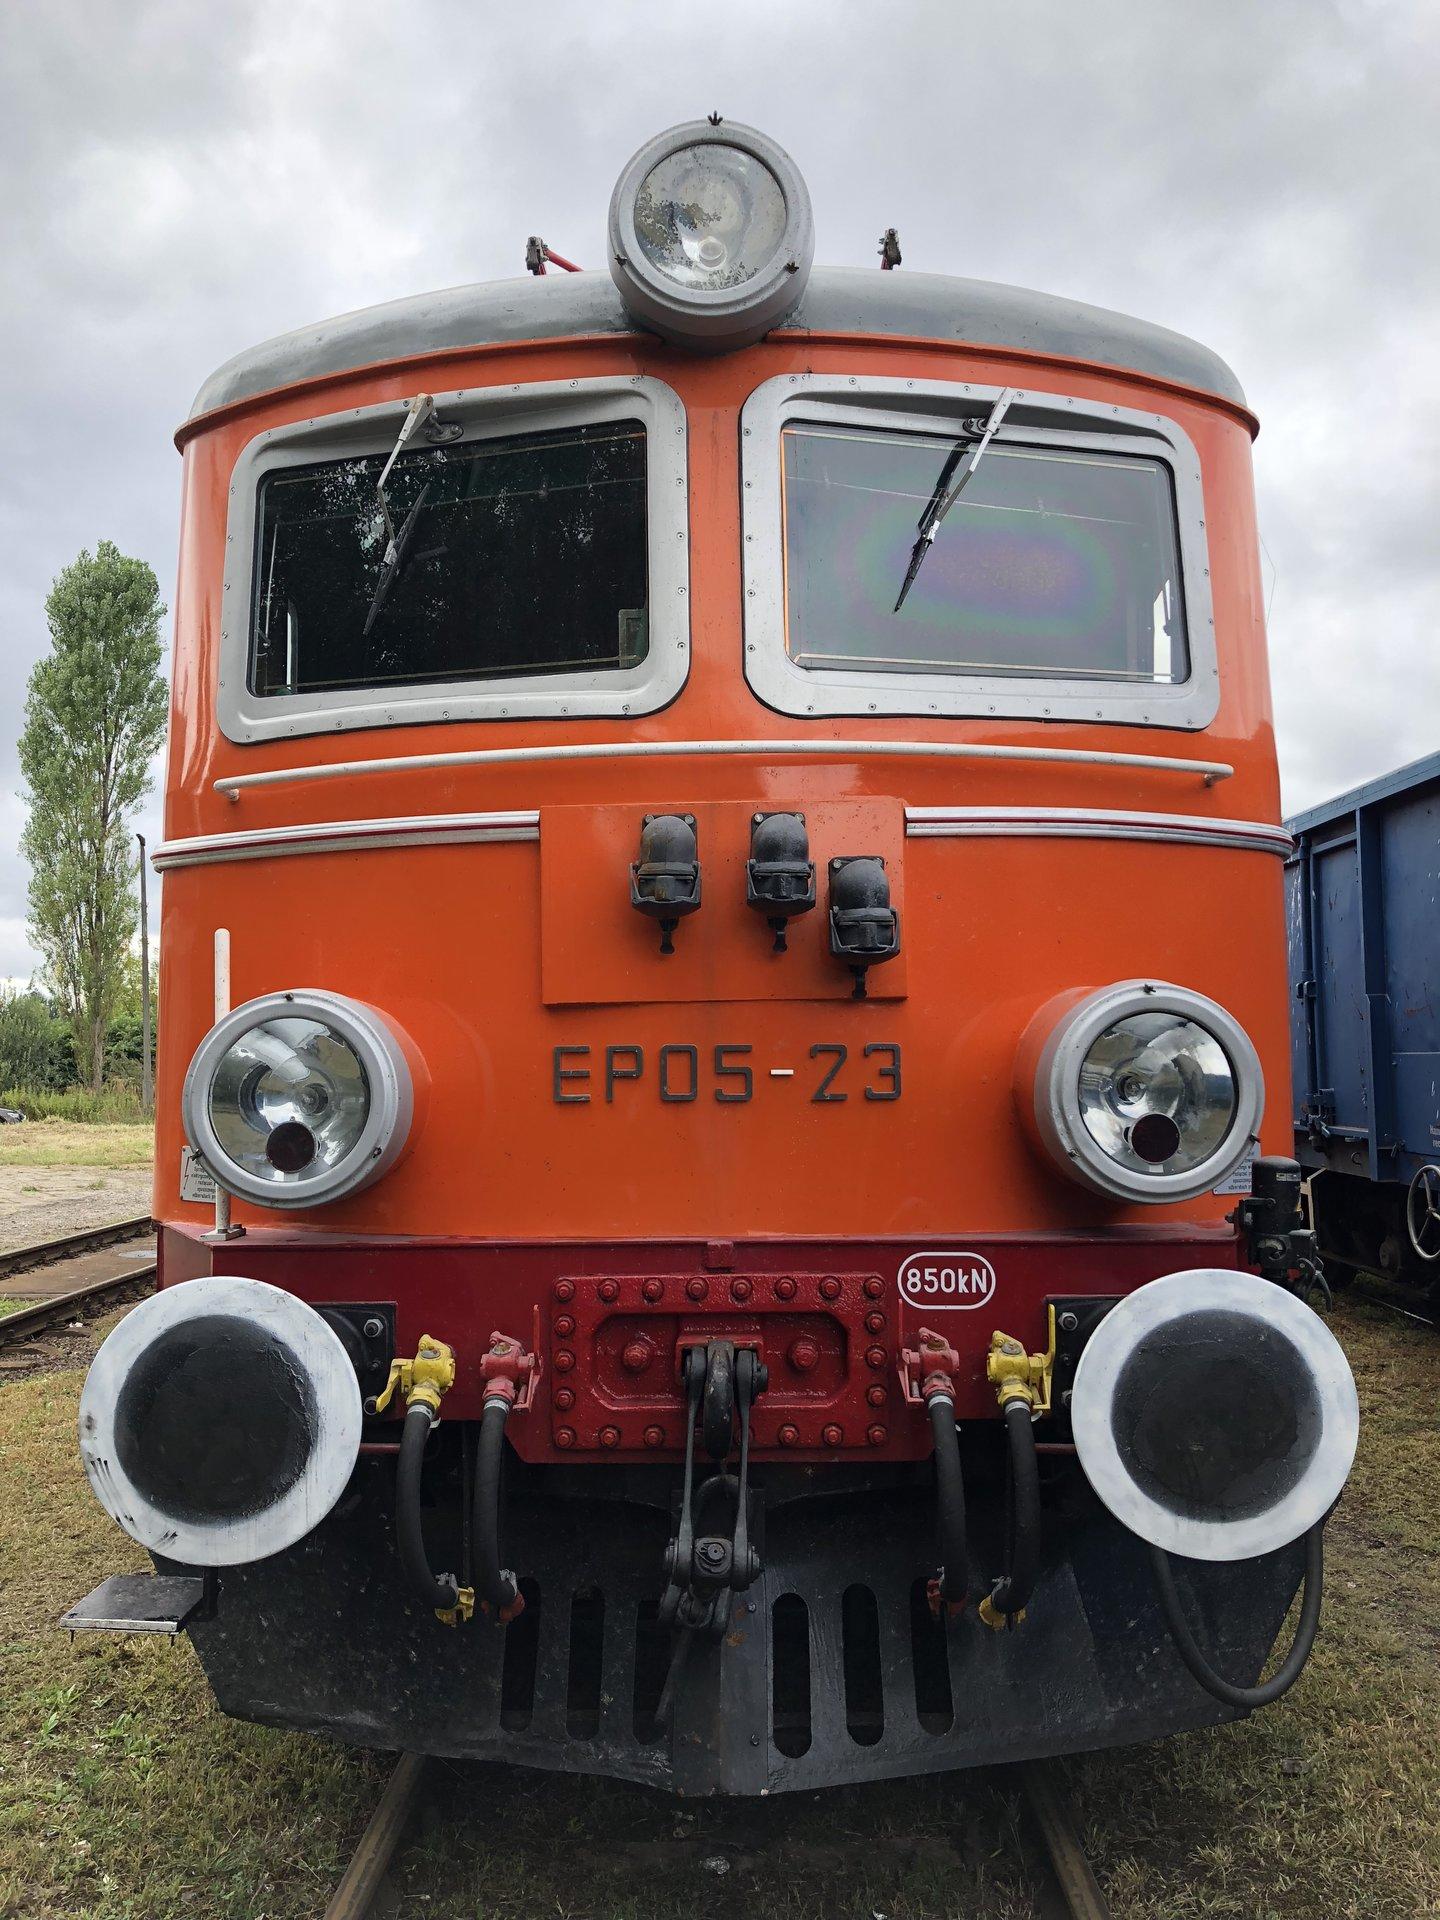 E8841395-09F8-4407-81AE-66F4C2F86CF0.jpeg